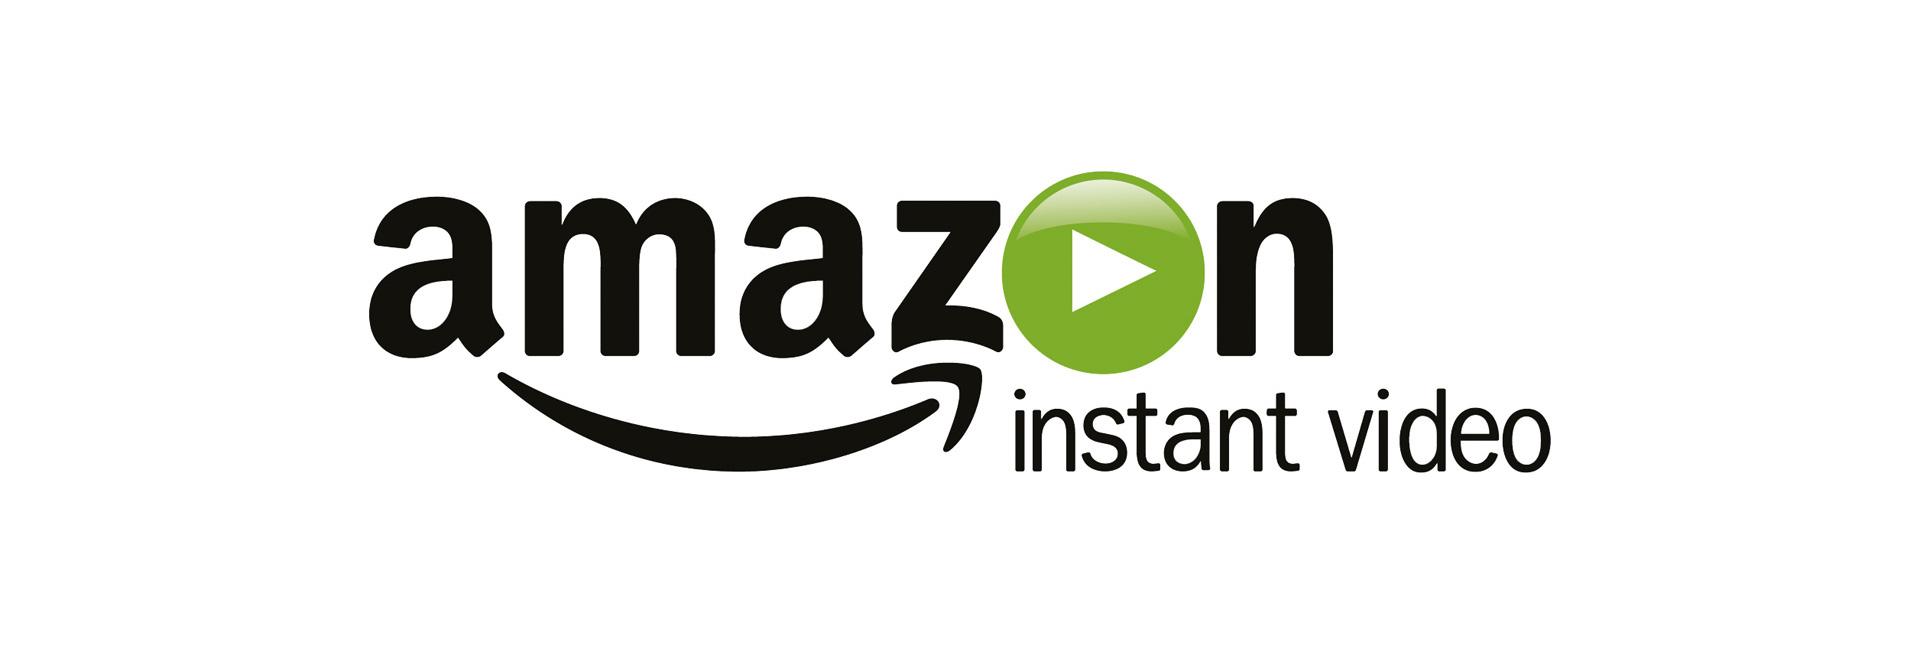 Amazon Prime Videos Kann Man Jetzt Auf Android Auch Auf